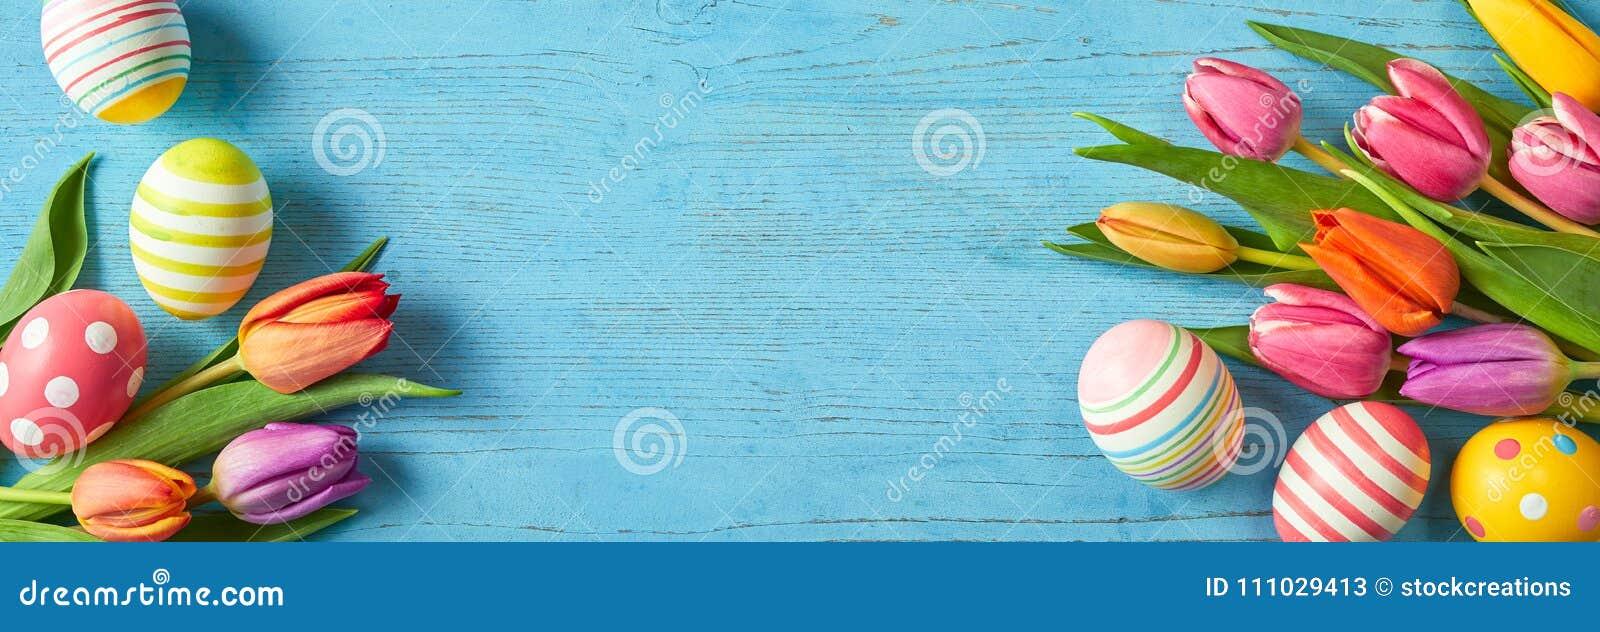 Verse tulpen en paaseieren in een kleurrijke banner